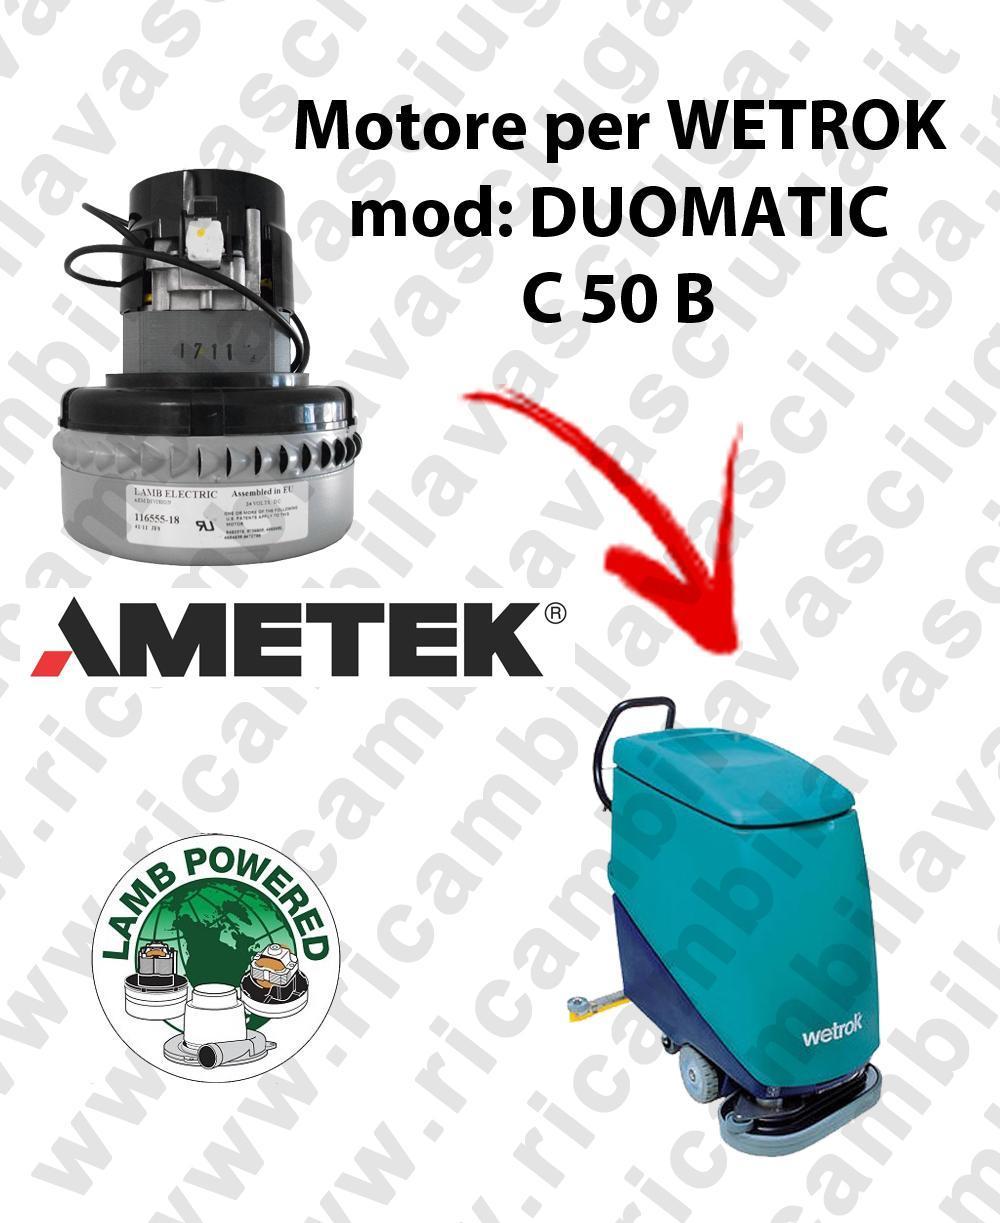 DUOMATIC C 50 B Saugmotor LAMB AMETEK für scheuersaugmaschinen WETROK